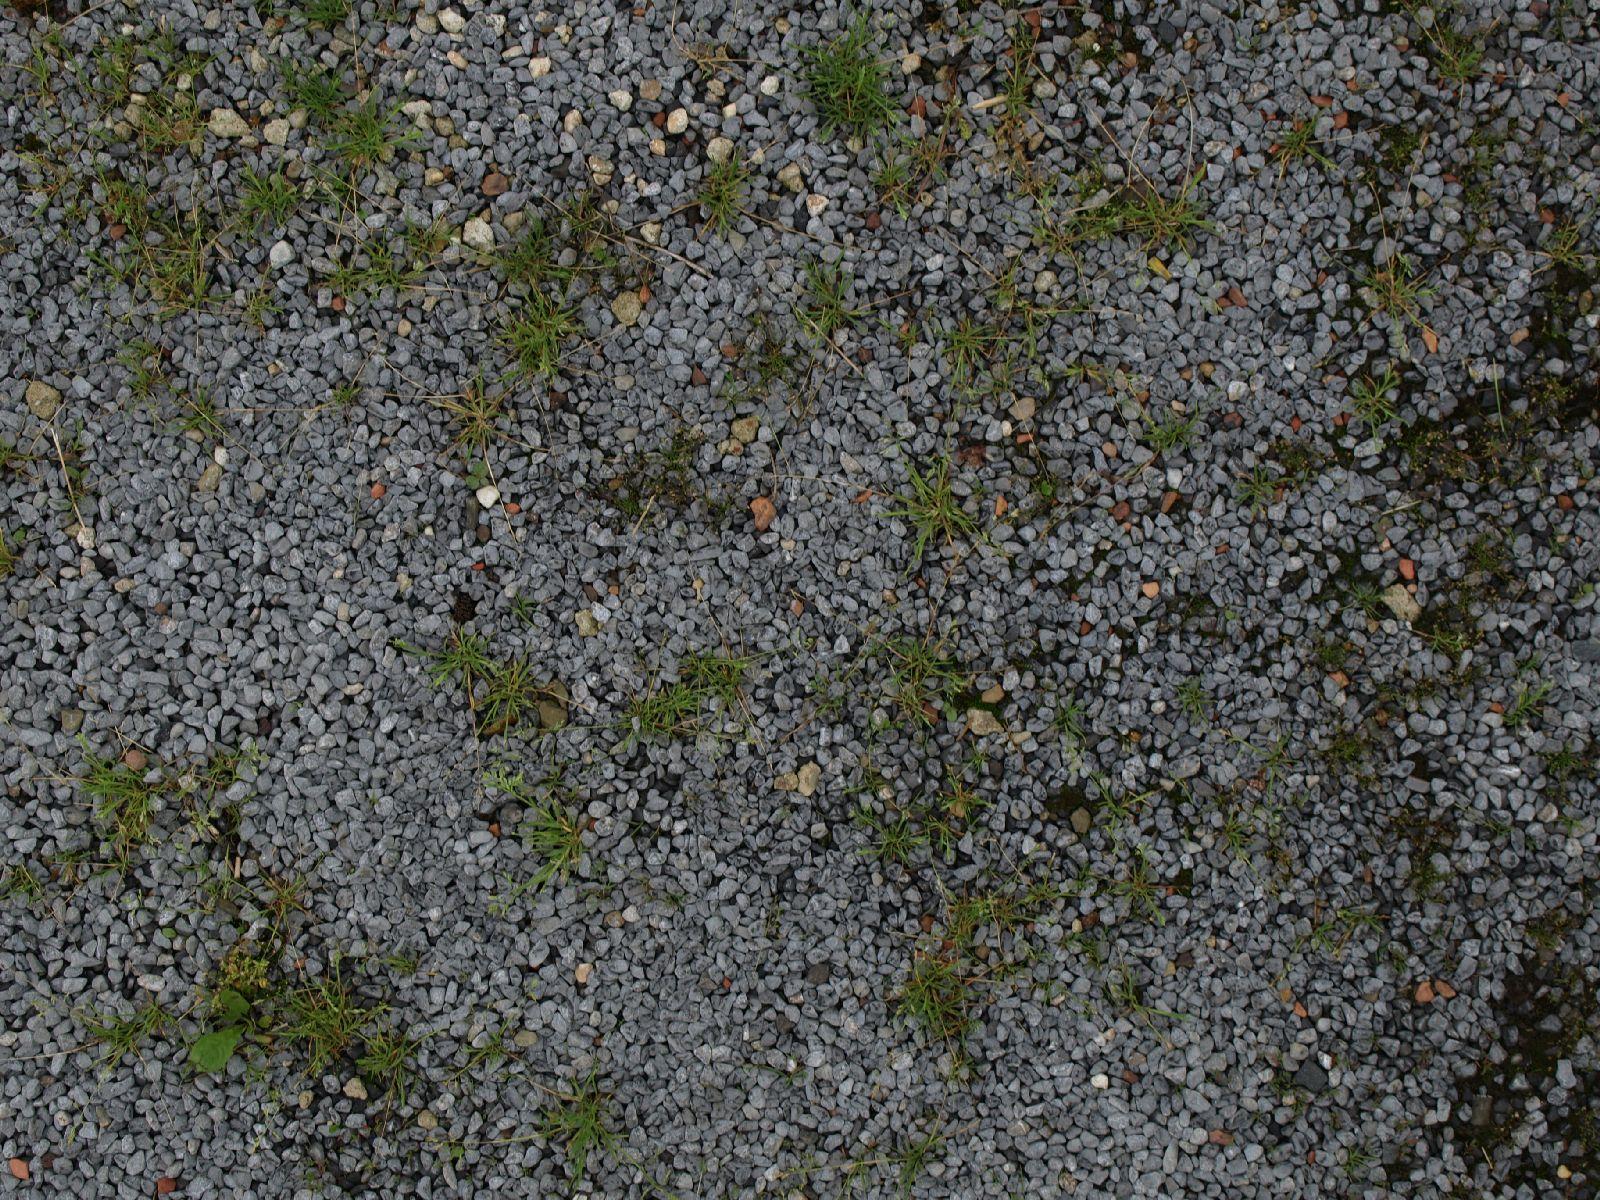 Boden-Gras-Moos-Blumen_Textur_A_P6083336